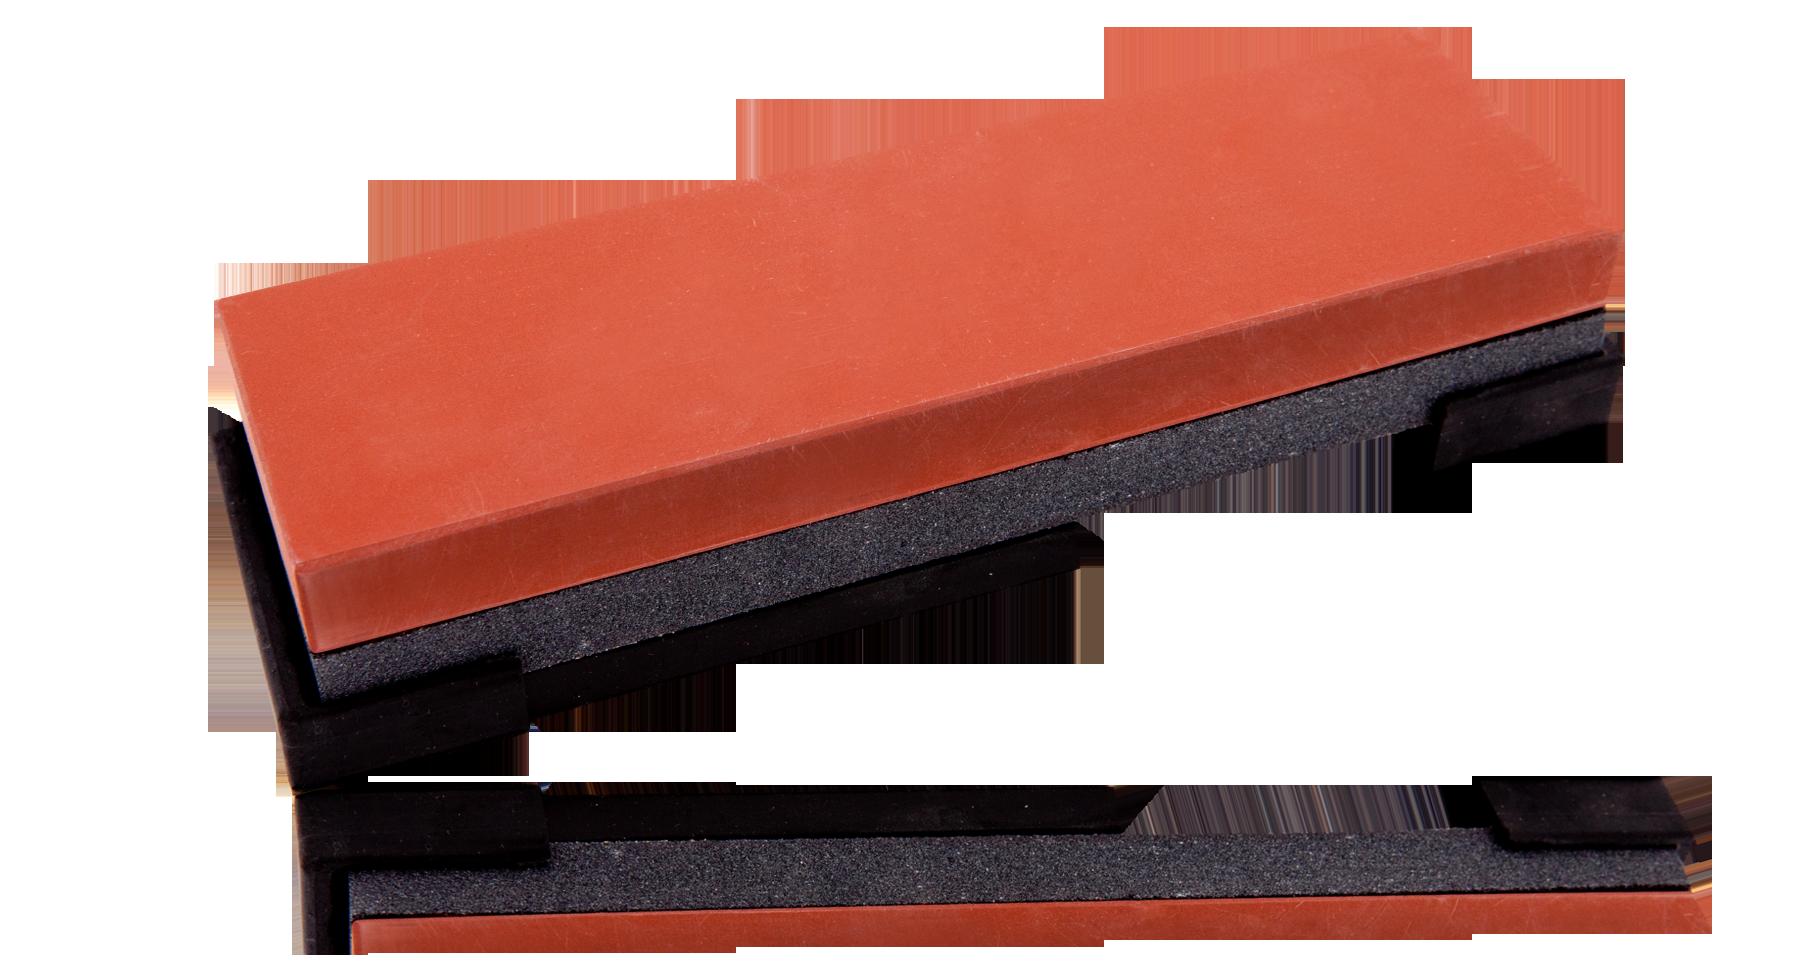 Камень точильный рабочий 210*65*33мм комбинированный грубый/средний #0120/1000Бруски и камни<br>Камень точильный рабочий 210*65*33мм комбинированный грубый/средний #0120/1000<br>